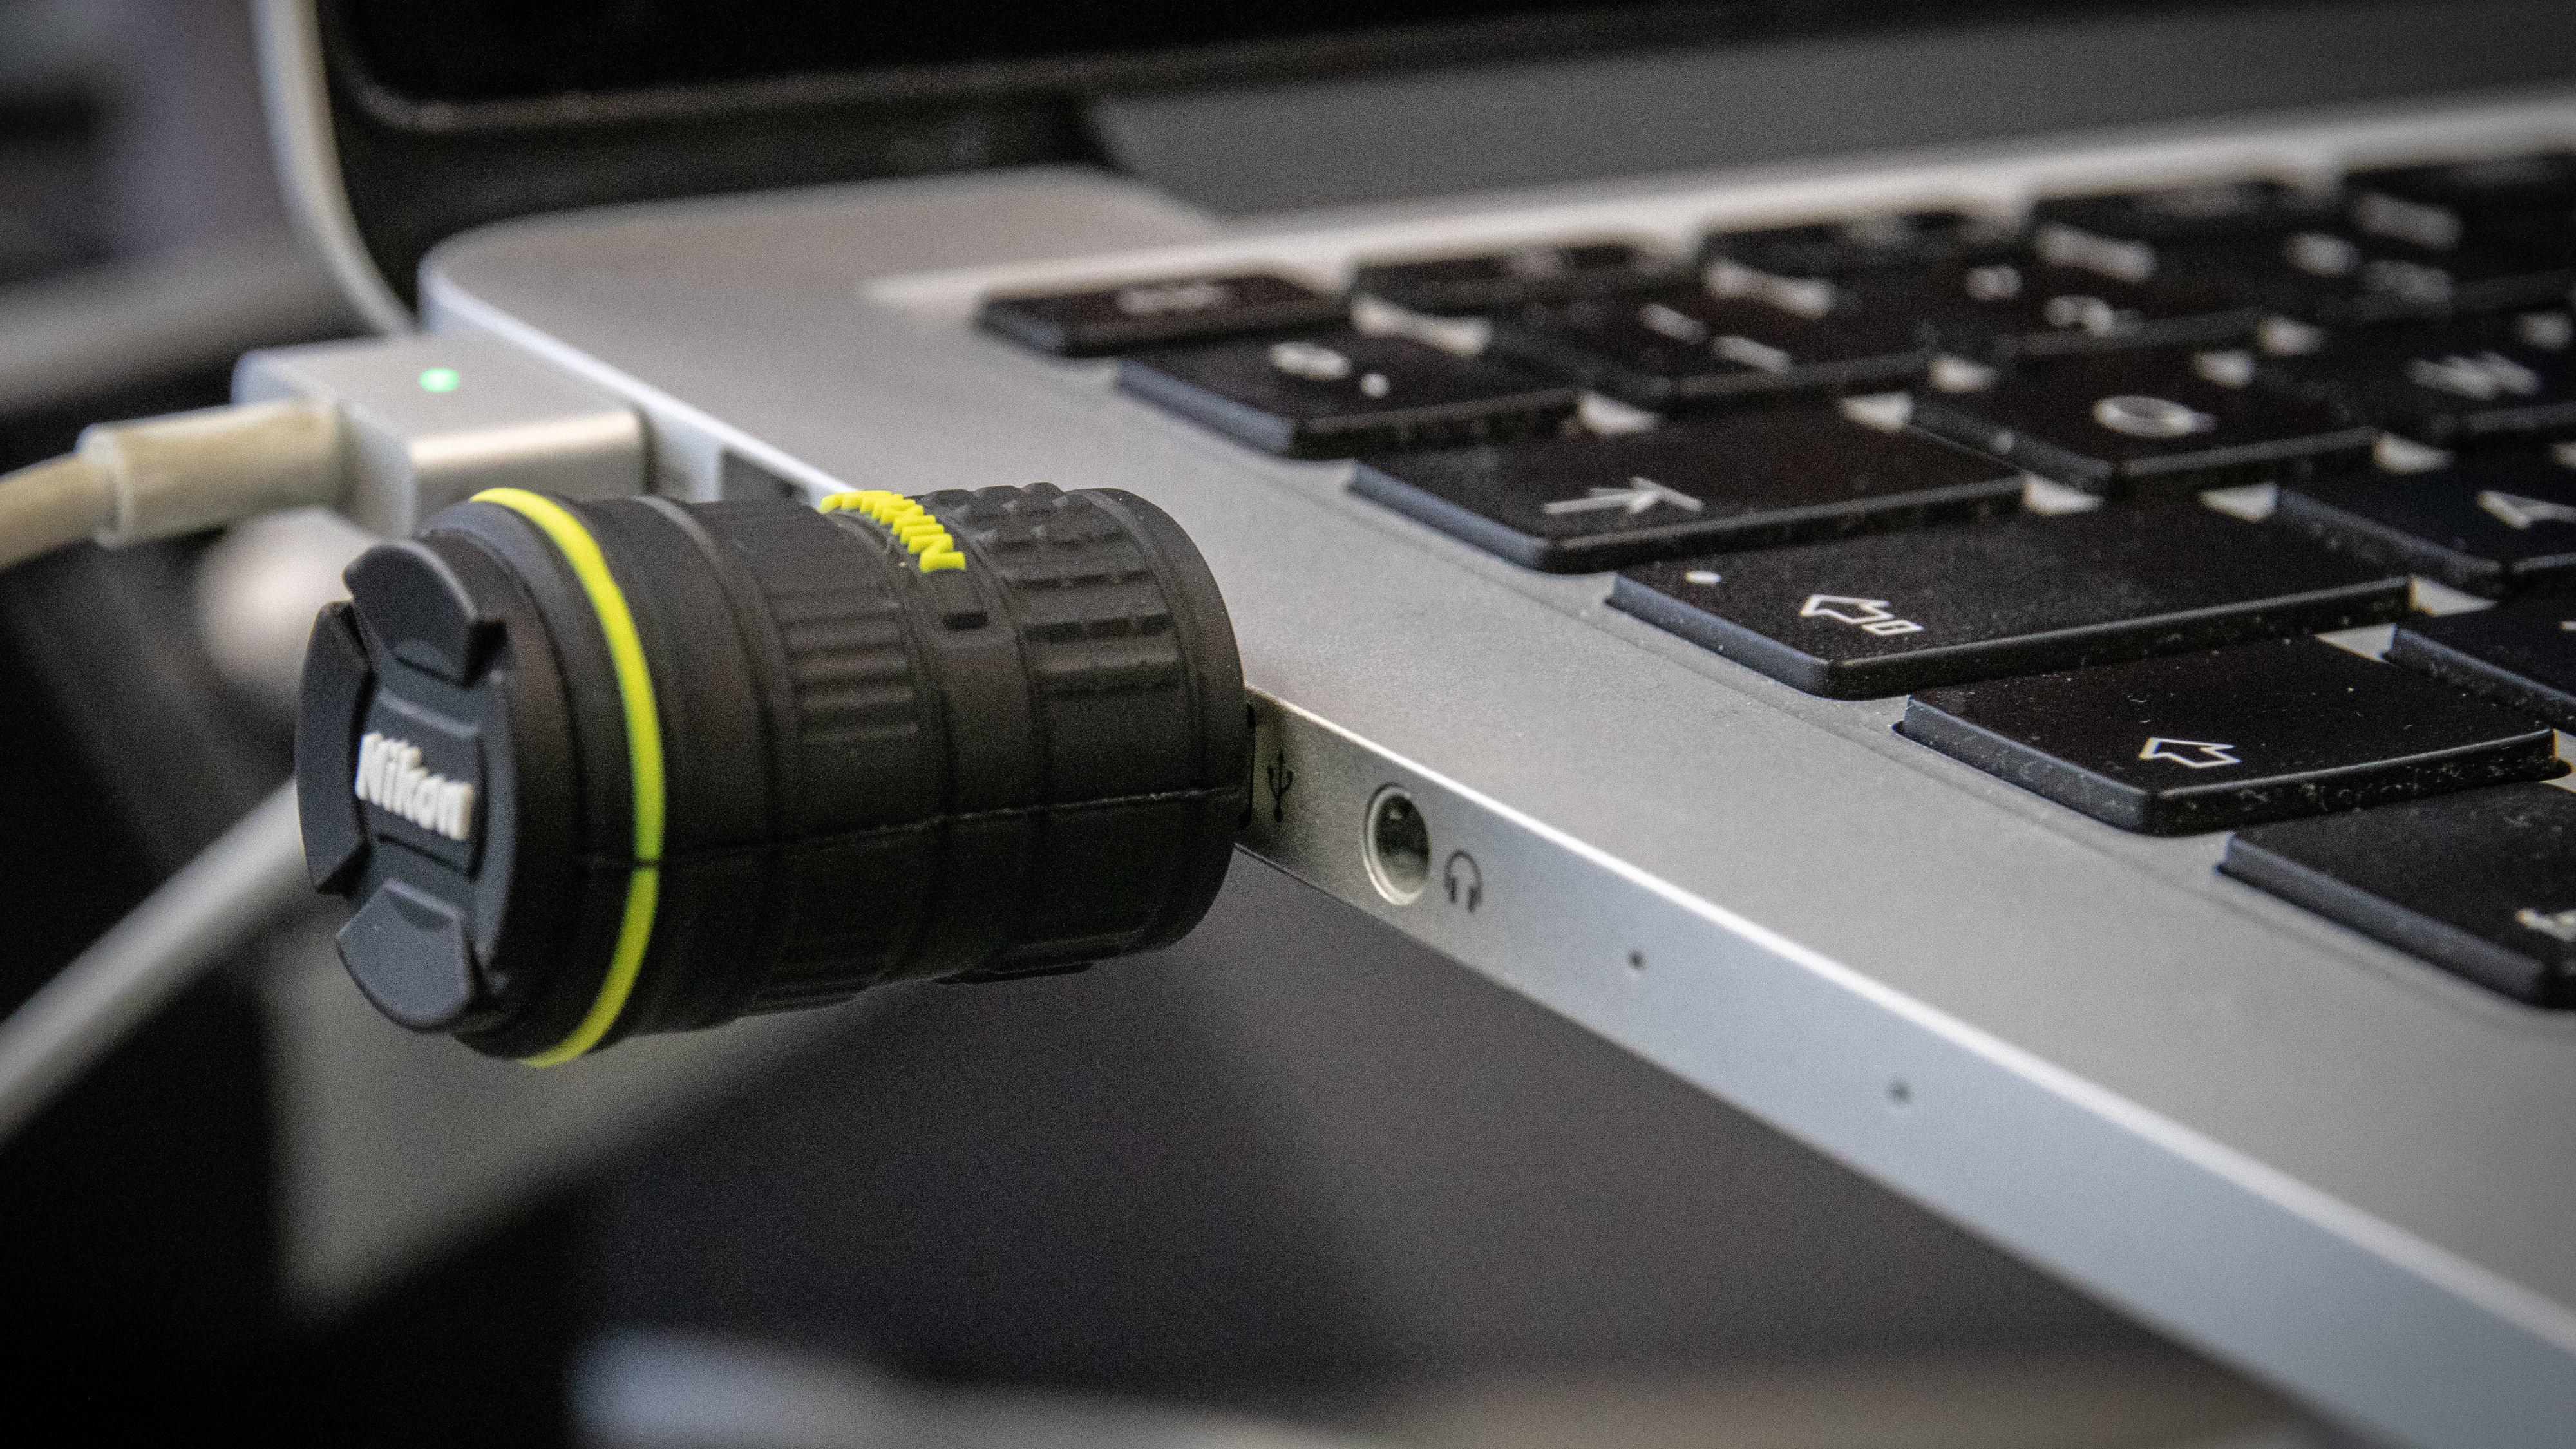 Nå kan du nappe ut minnepennen uten å få advarsel